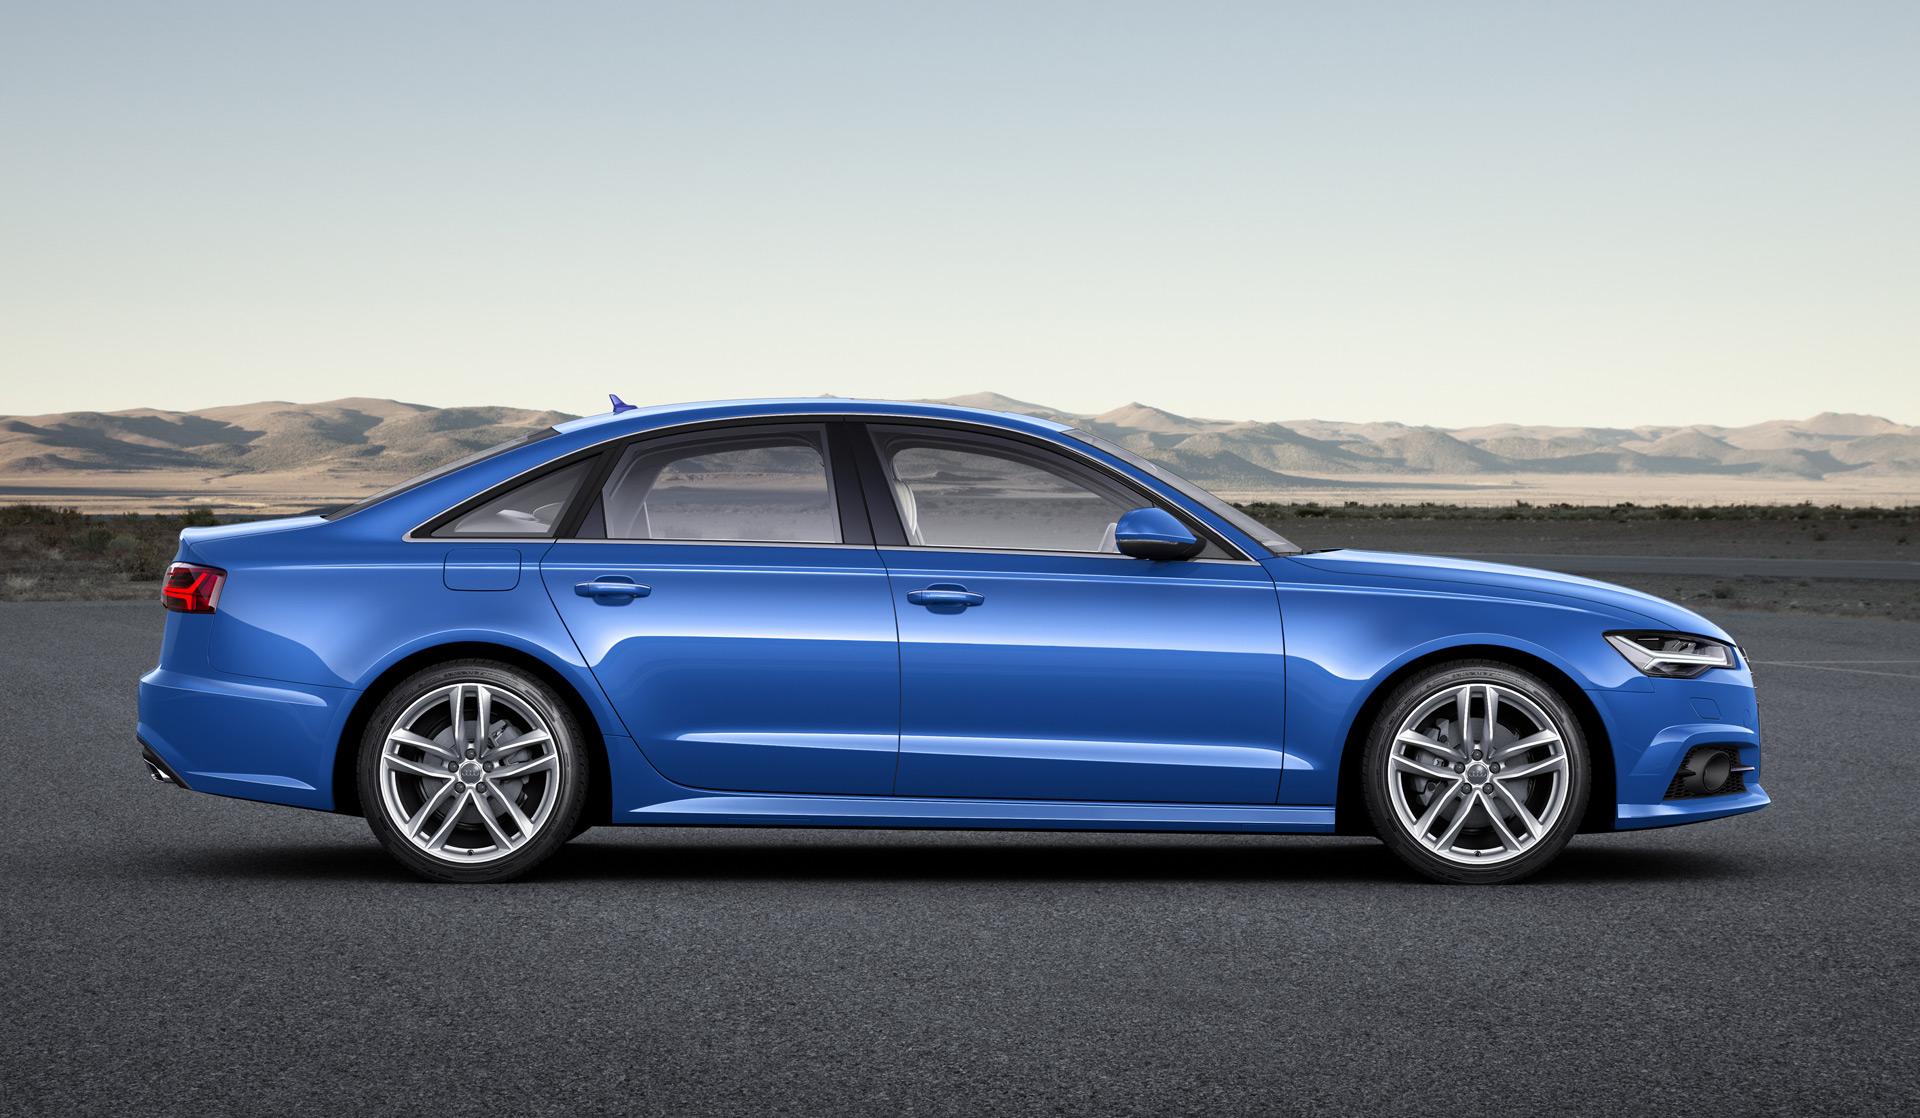 Kelebihan Kekurangan Audi A6 2017 Spesifikasi